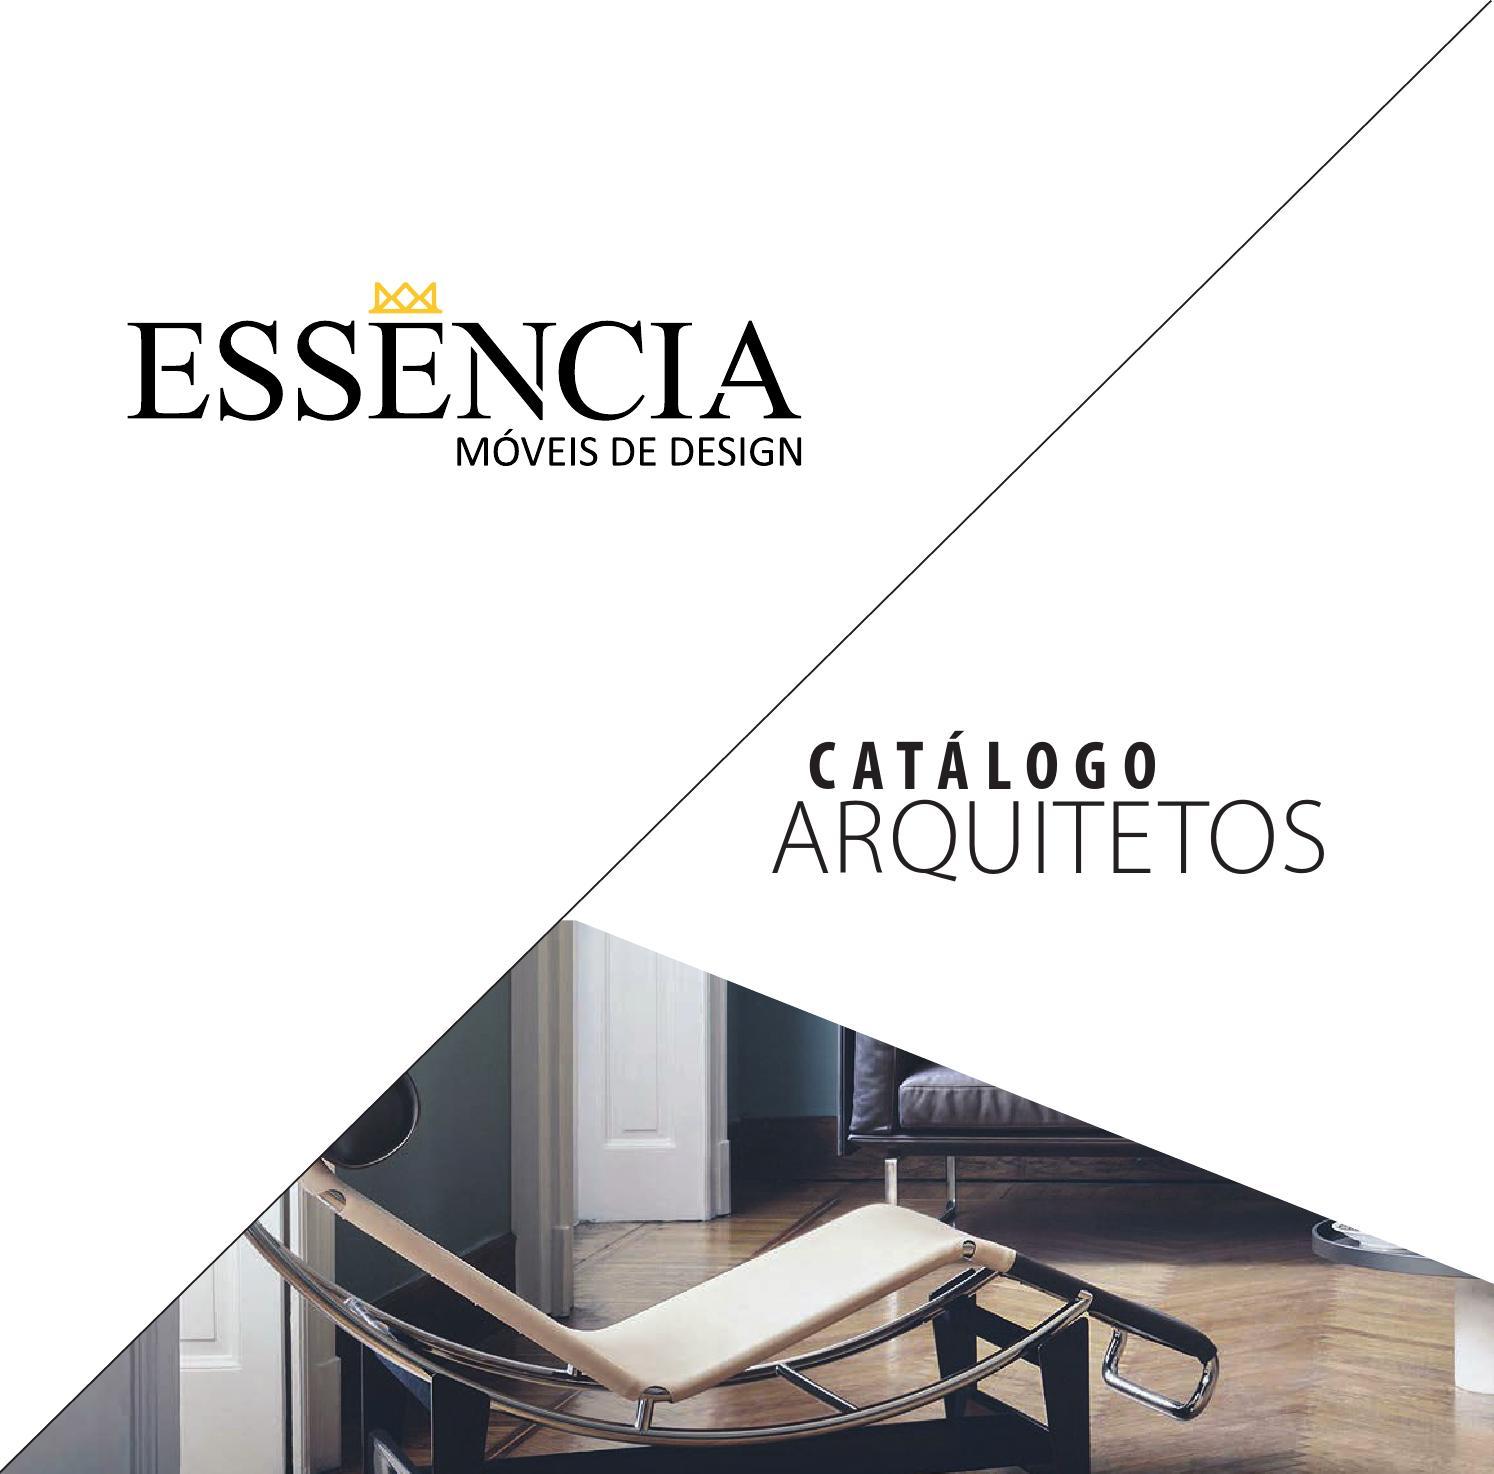 Essência Móveis De Design: Catálogo Arquitetos III By Essência Móveis De Design